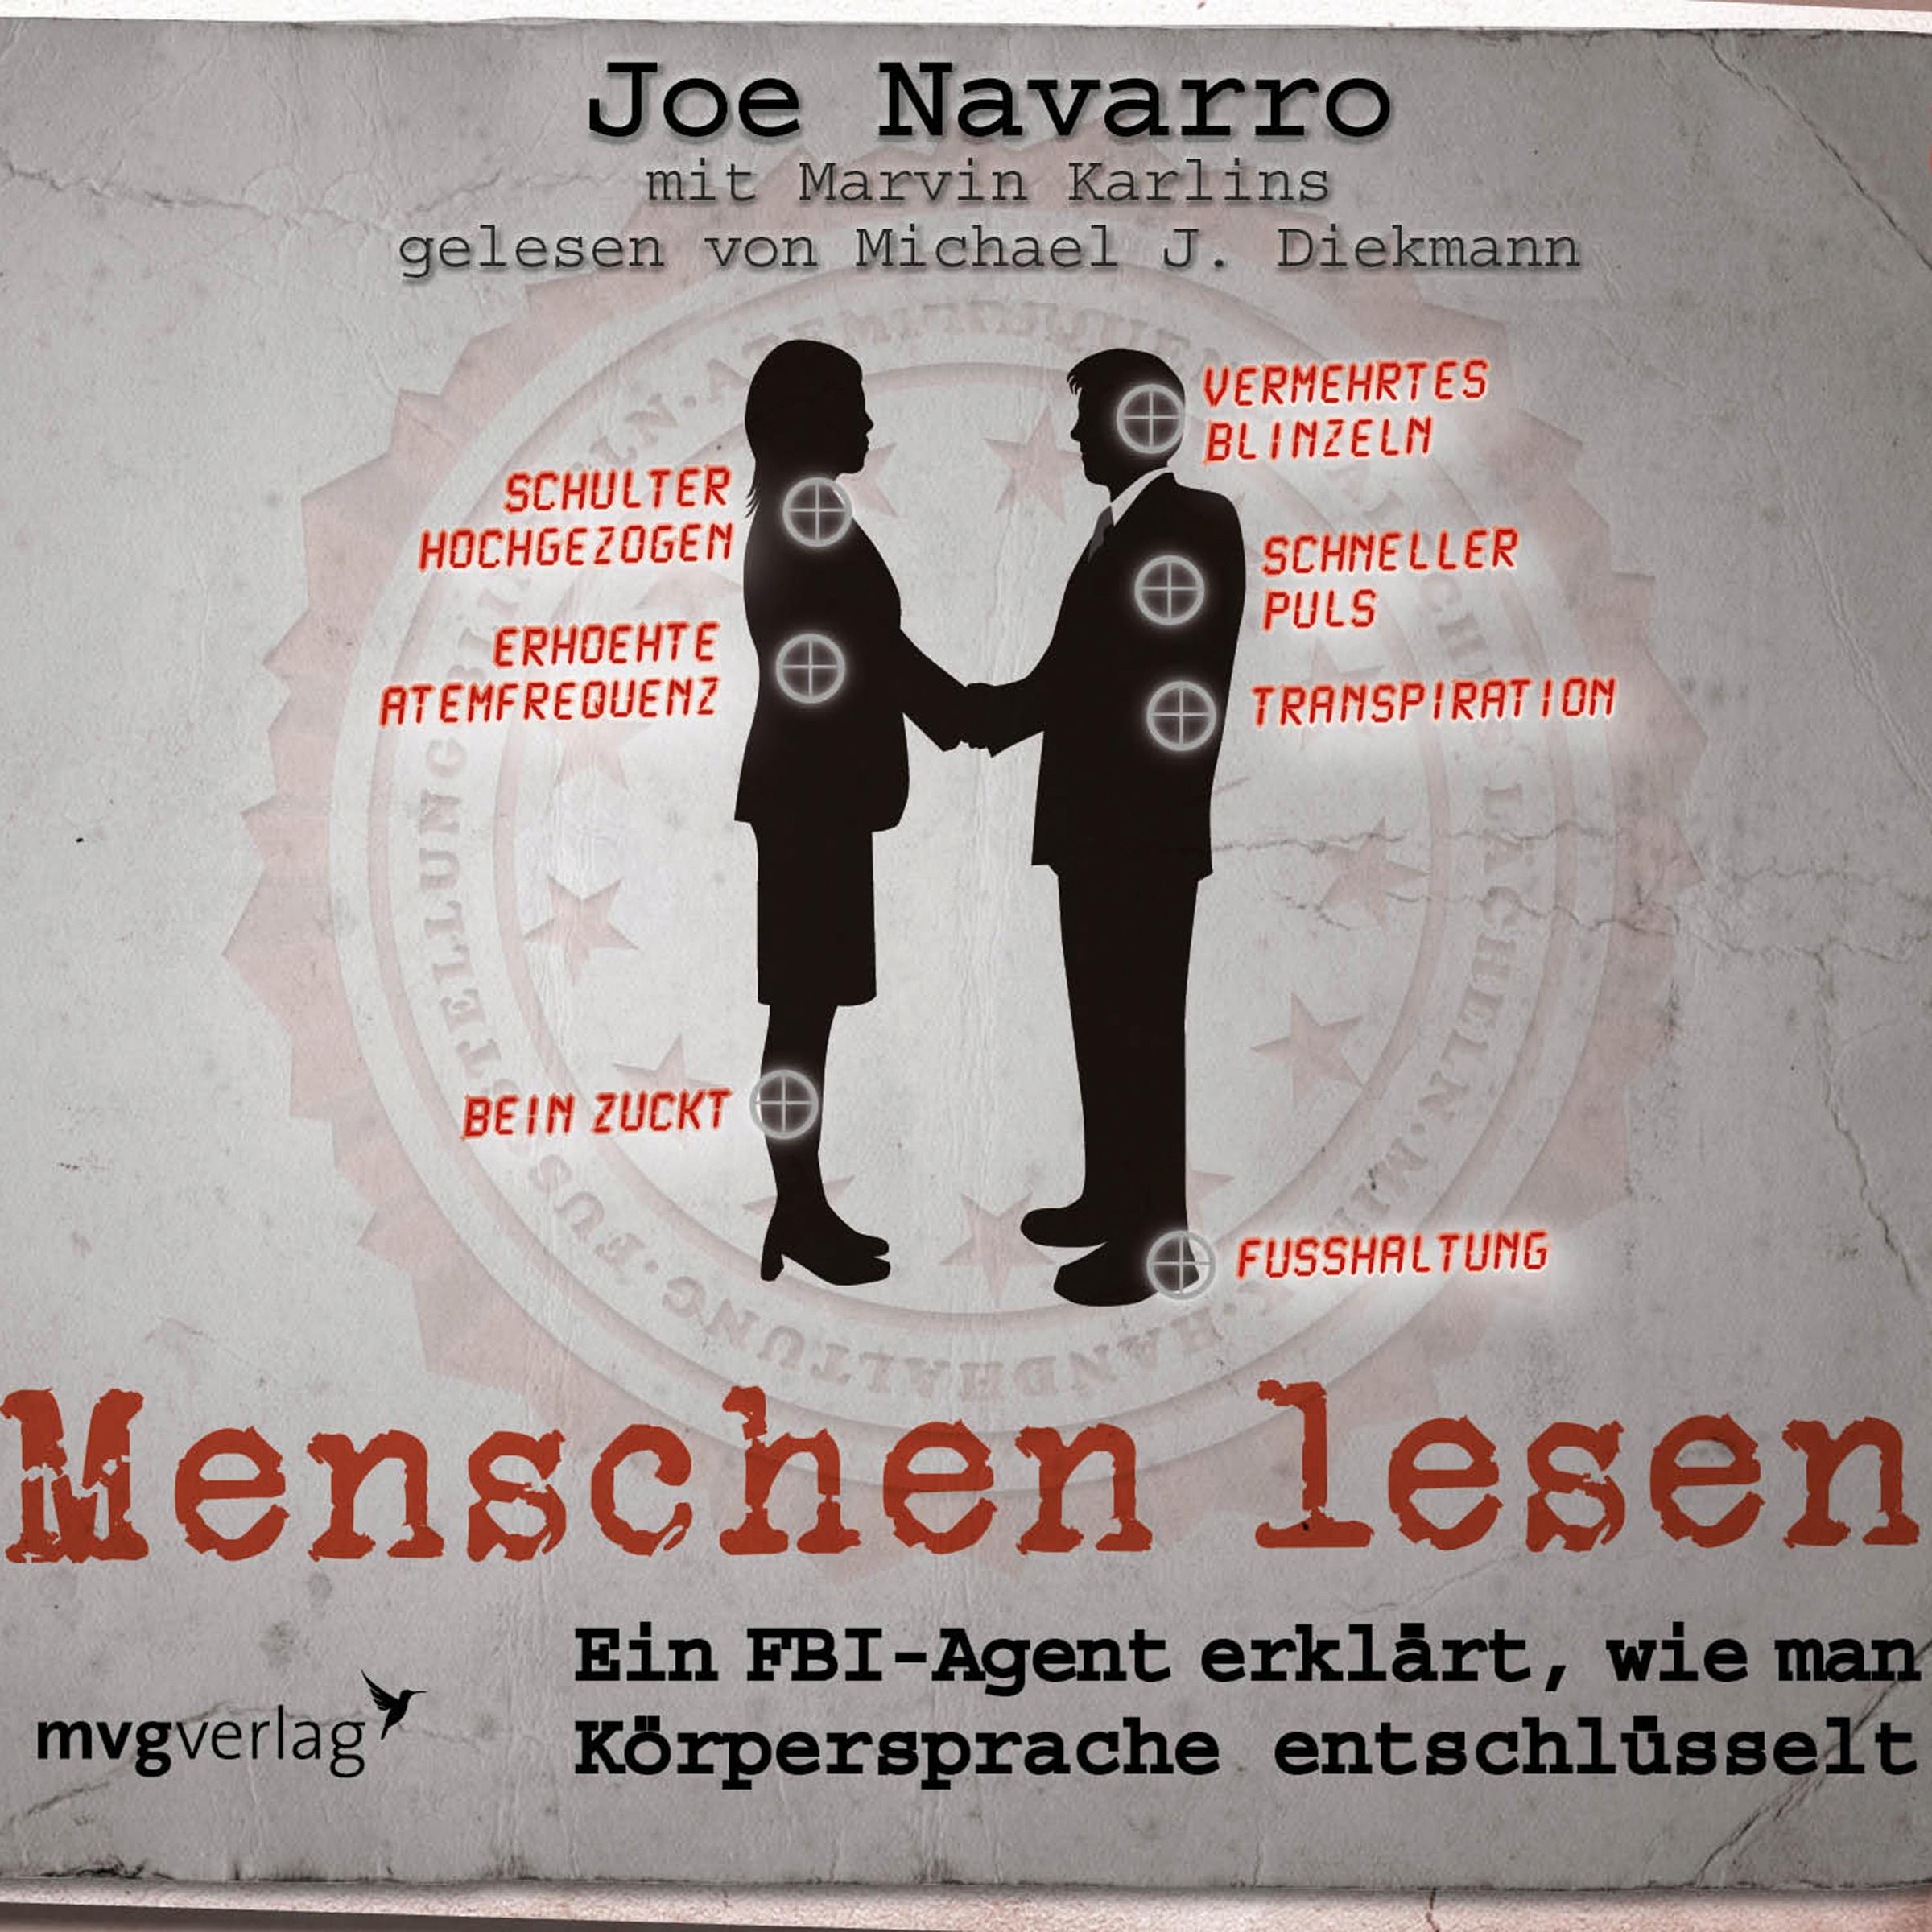 Menschen lesen von Diekmann, Michael J., Navarro, Joe: Ein FBI-Agent e